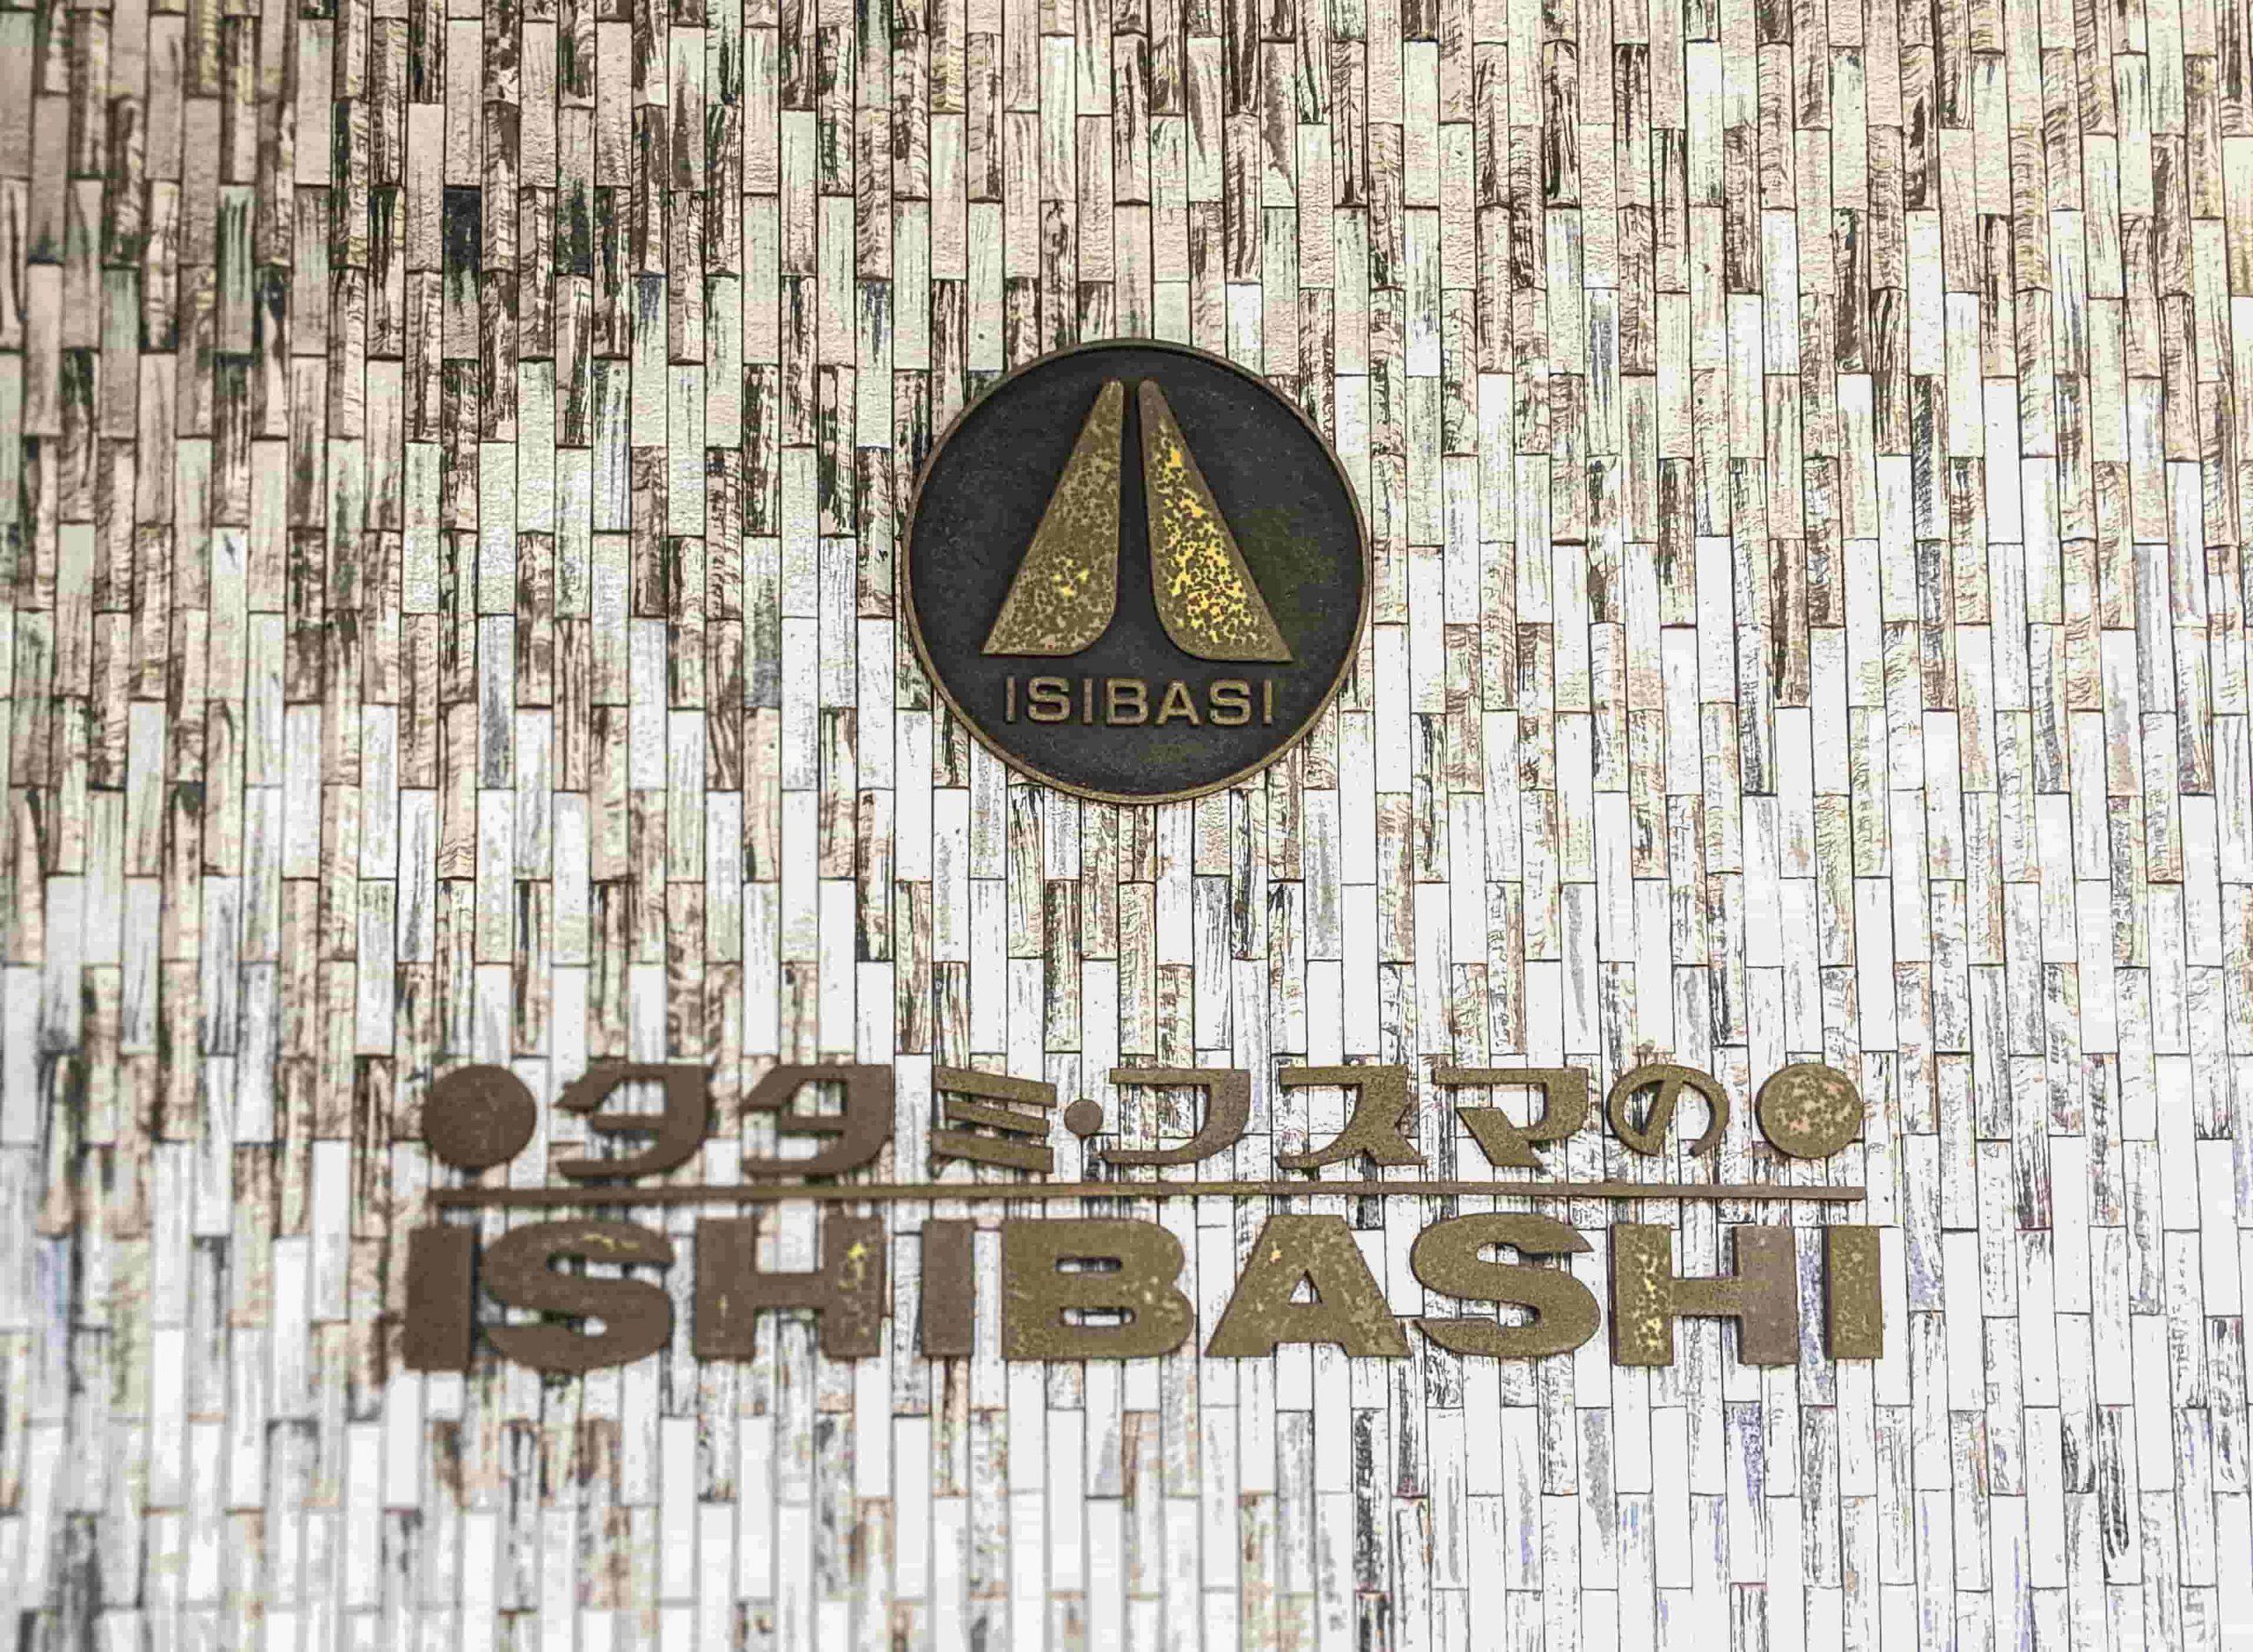 北九州施工実績一位。畳の修復|求人・採用情報|ビーアート石橋 beeartISHIBAHI